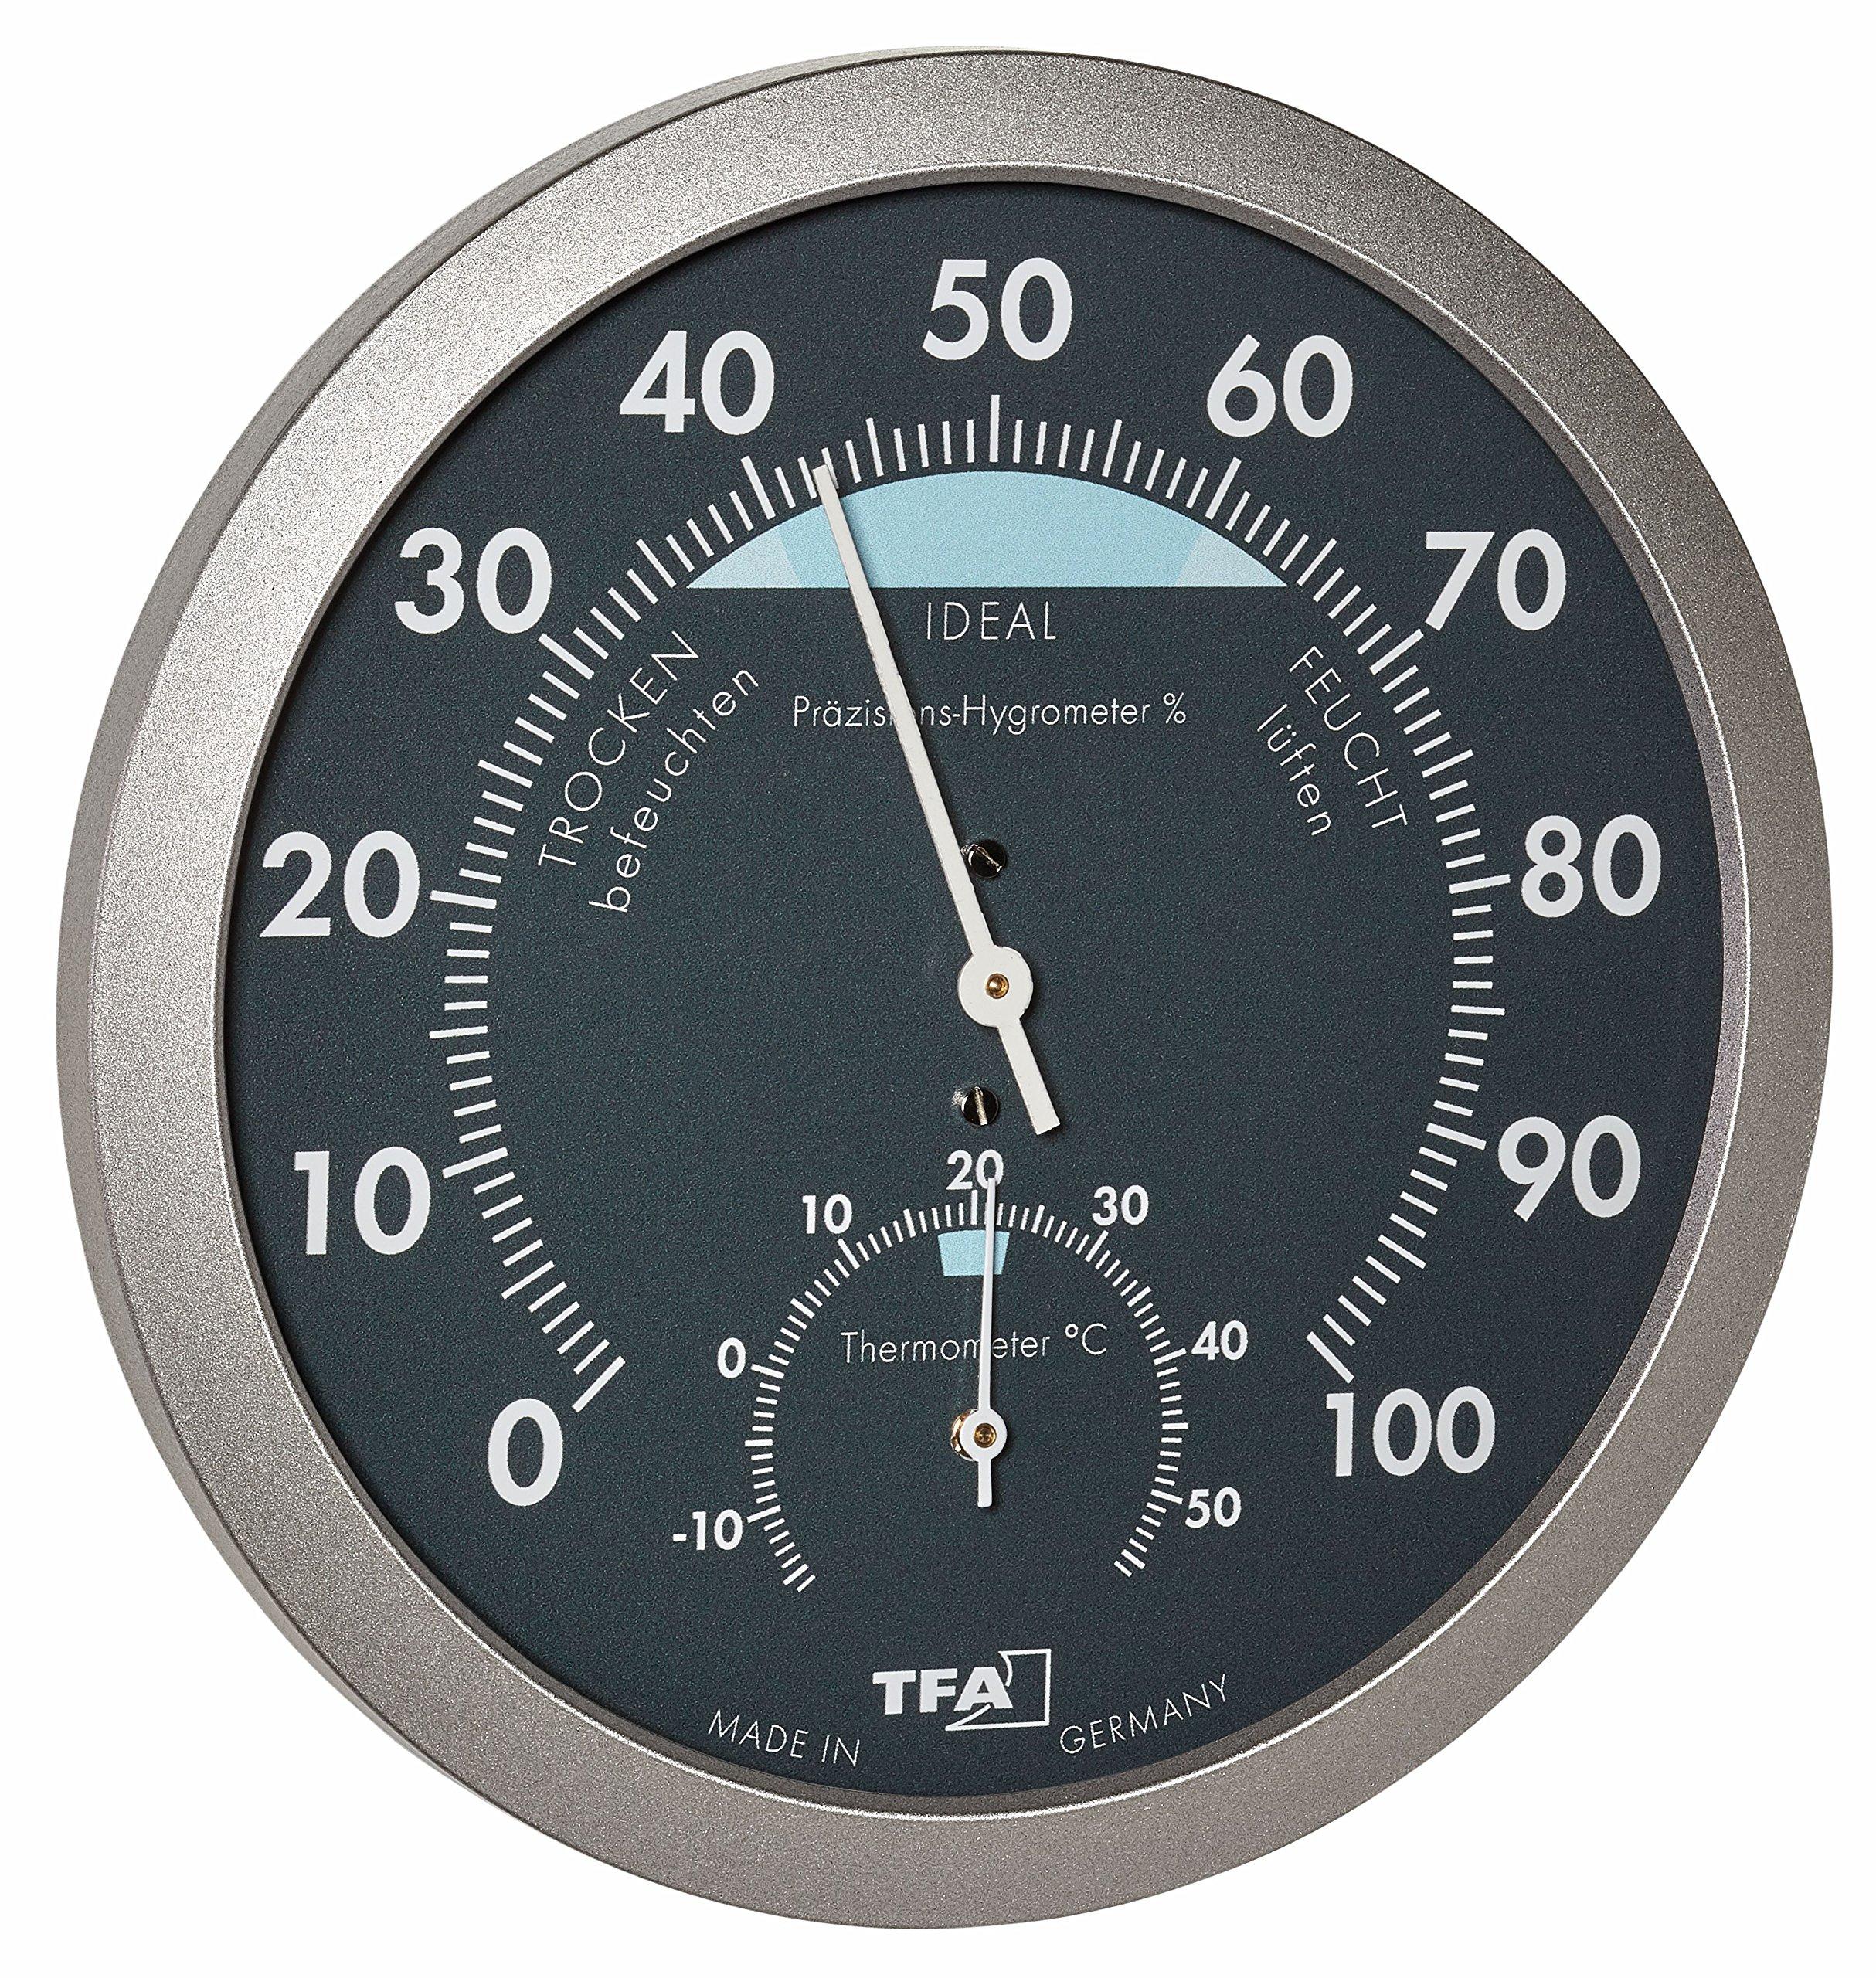 TFA-Dostmann Thermo-/Hygrometer analog 45204351 TFA